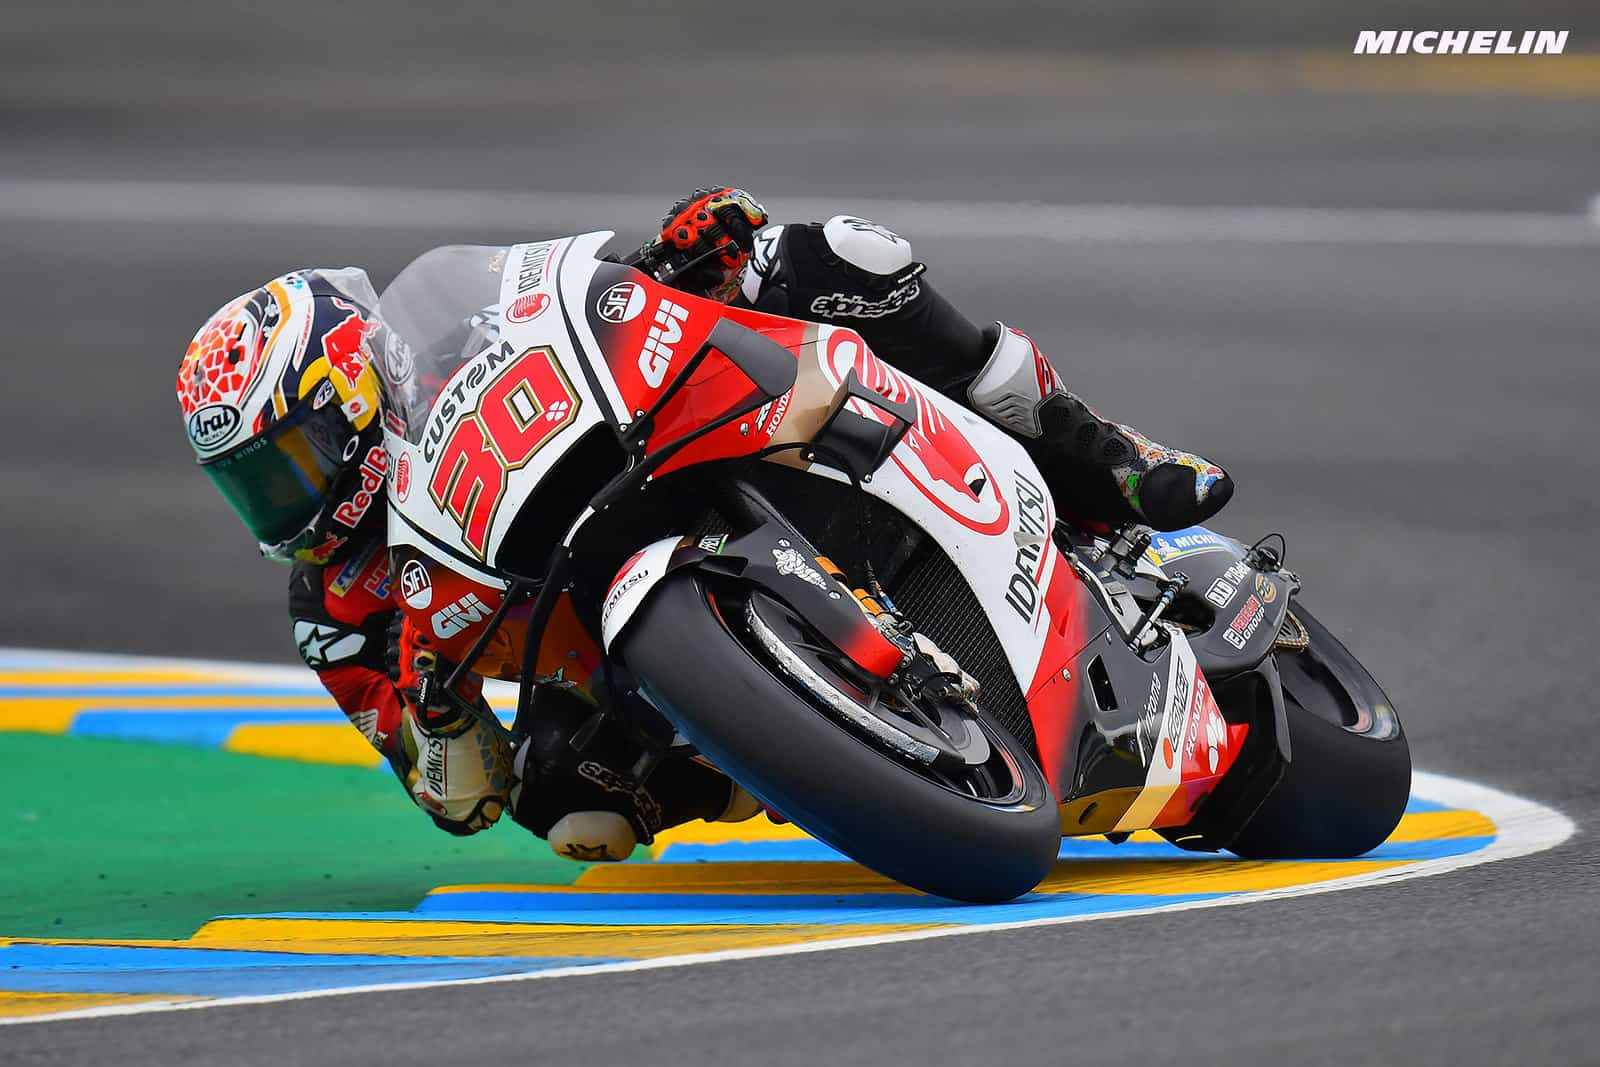 フランスGP 予選13位中上 貴晶「バイクのポテンシャルは高い」